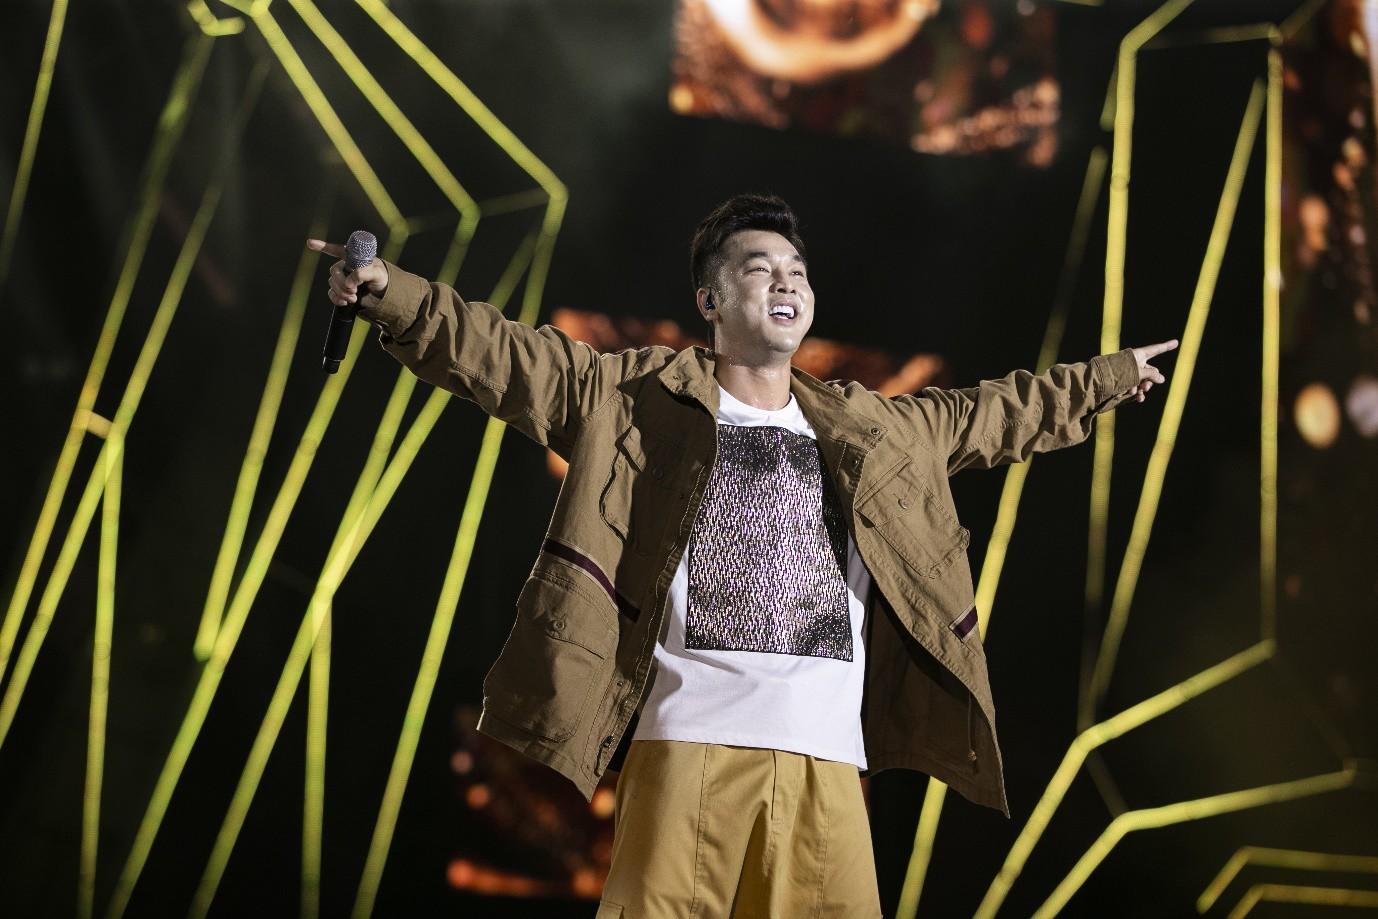 Sơn Tùng M-TP, Đen Vâu, Tóc Tiên, Hồ Ngọc Hà… mang đến quá nhiều màn trình diễn đỉnh cao tại FWD Music Fest - Ảnh 9.